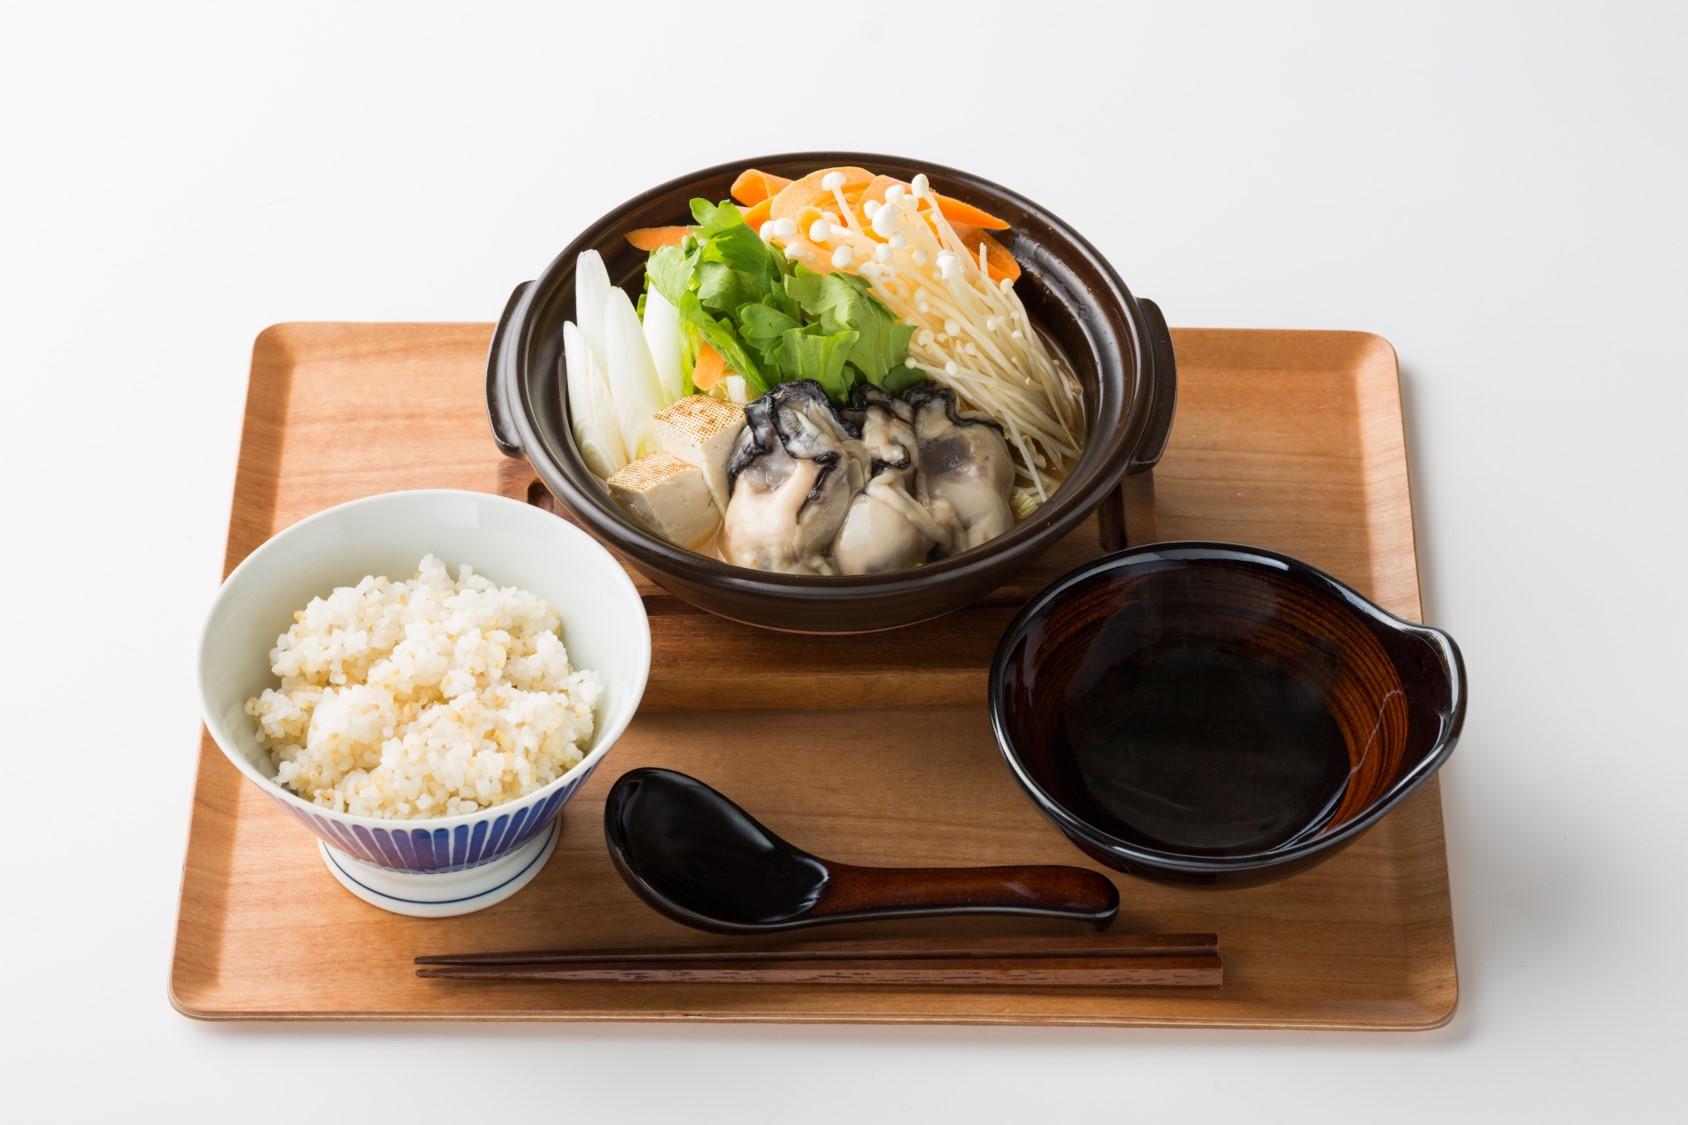 牡蠣の土手鍋 定食 広島ランチ